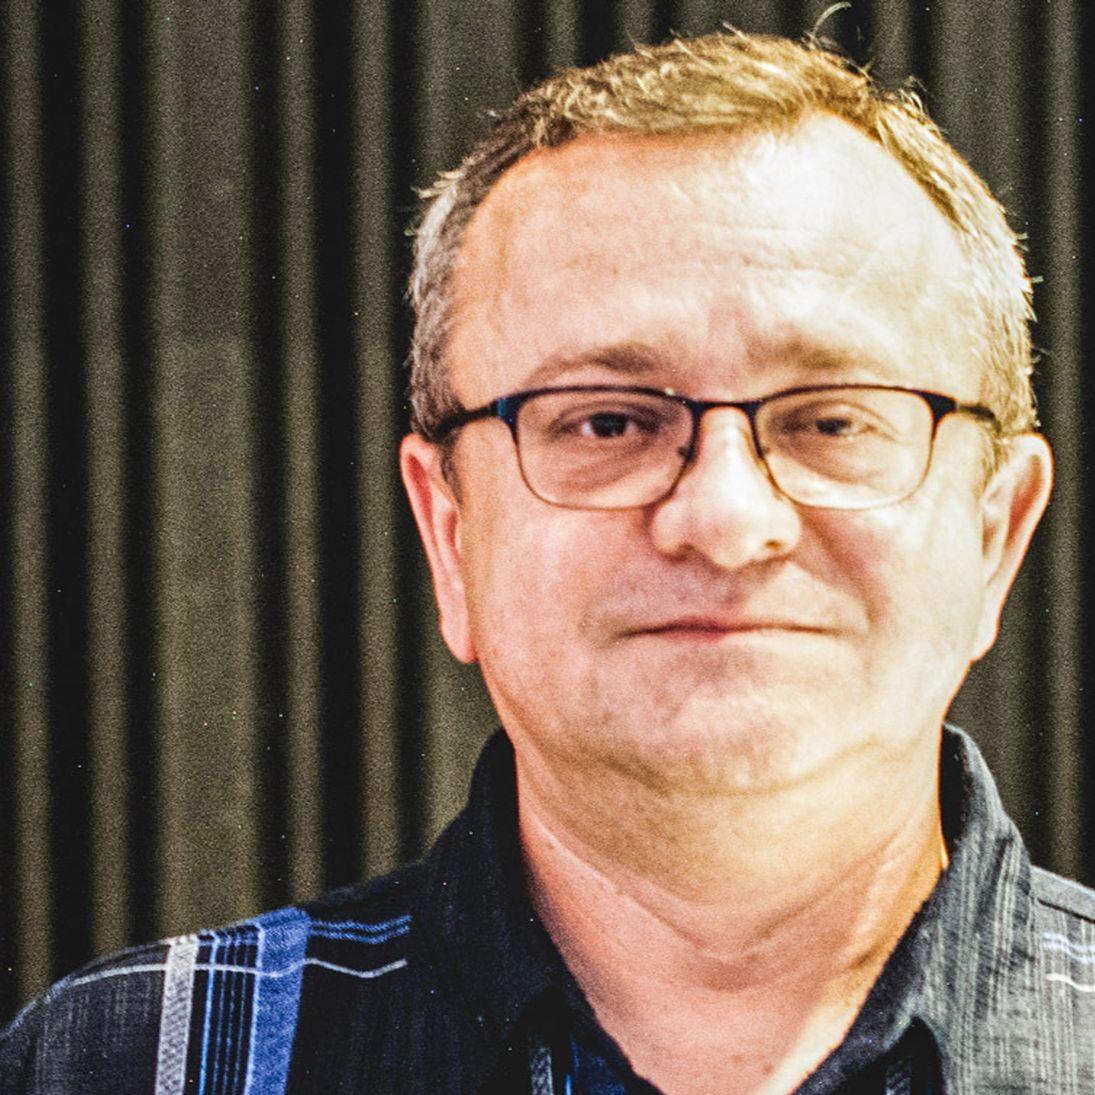 Alexander Duleba - Stupňujúce sa protesty v Rusku pravdepodobne povedú k štátnemu prevratu